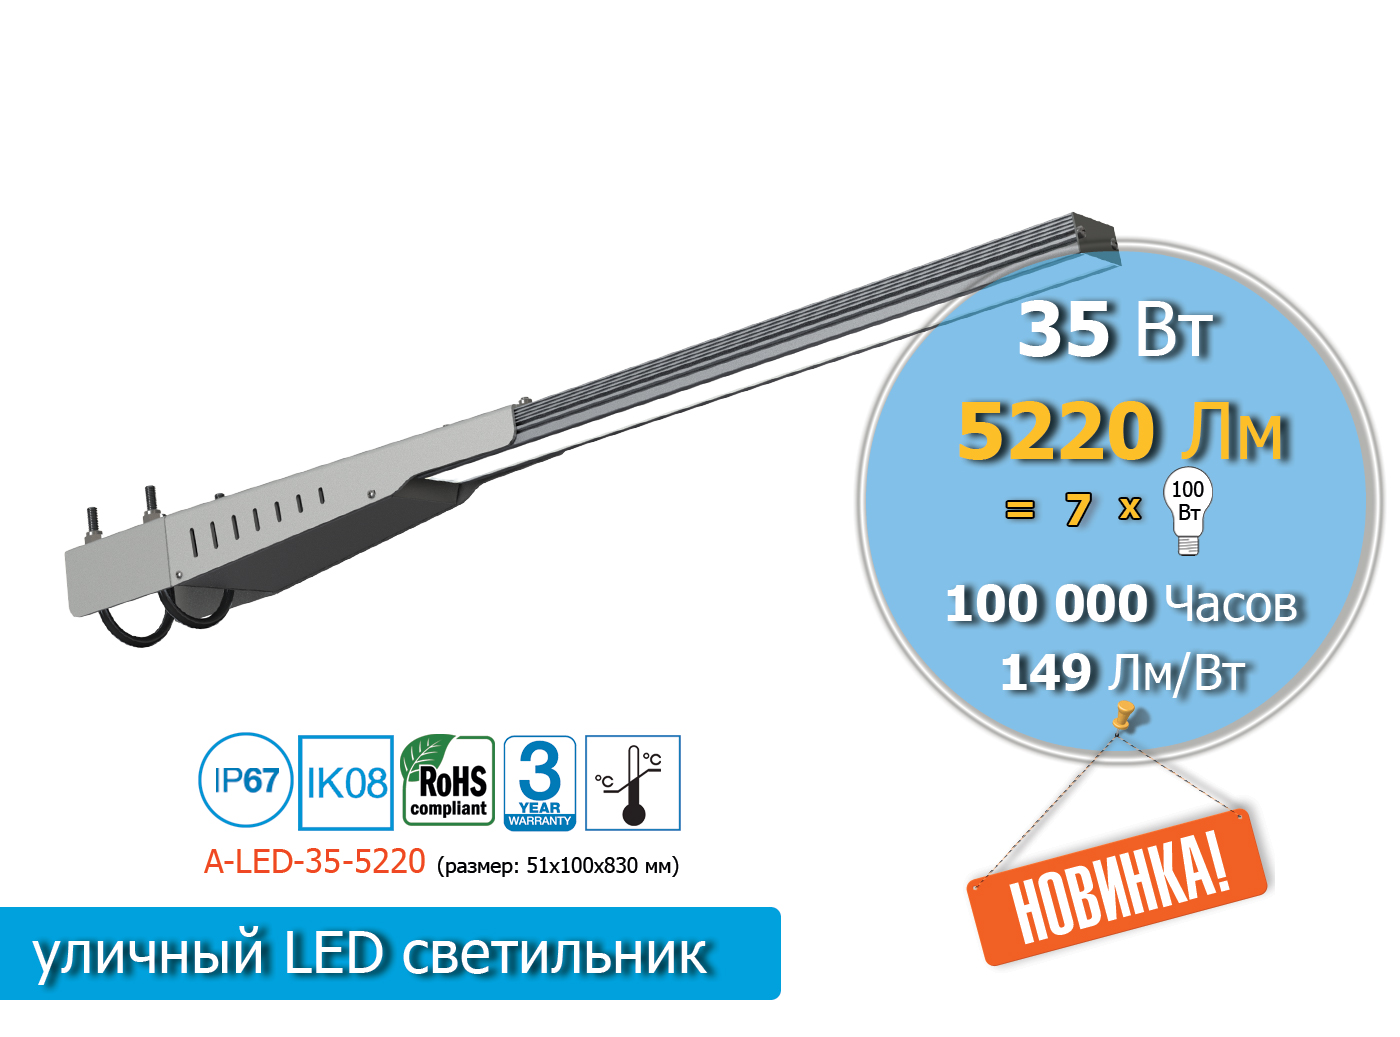 A-LED-35-5220